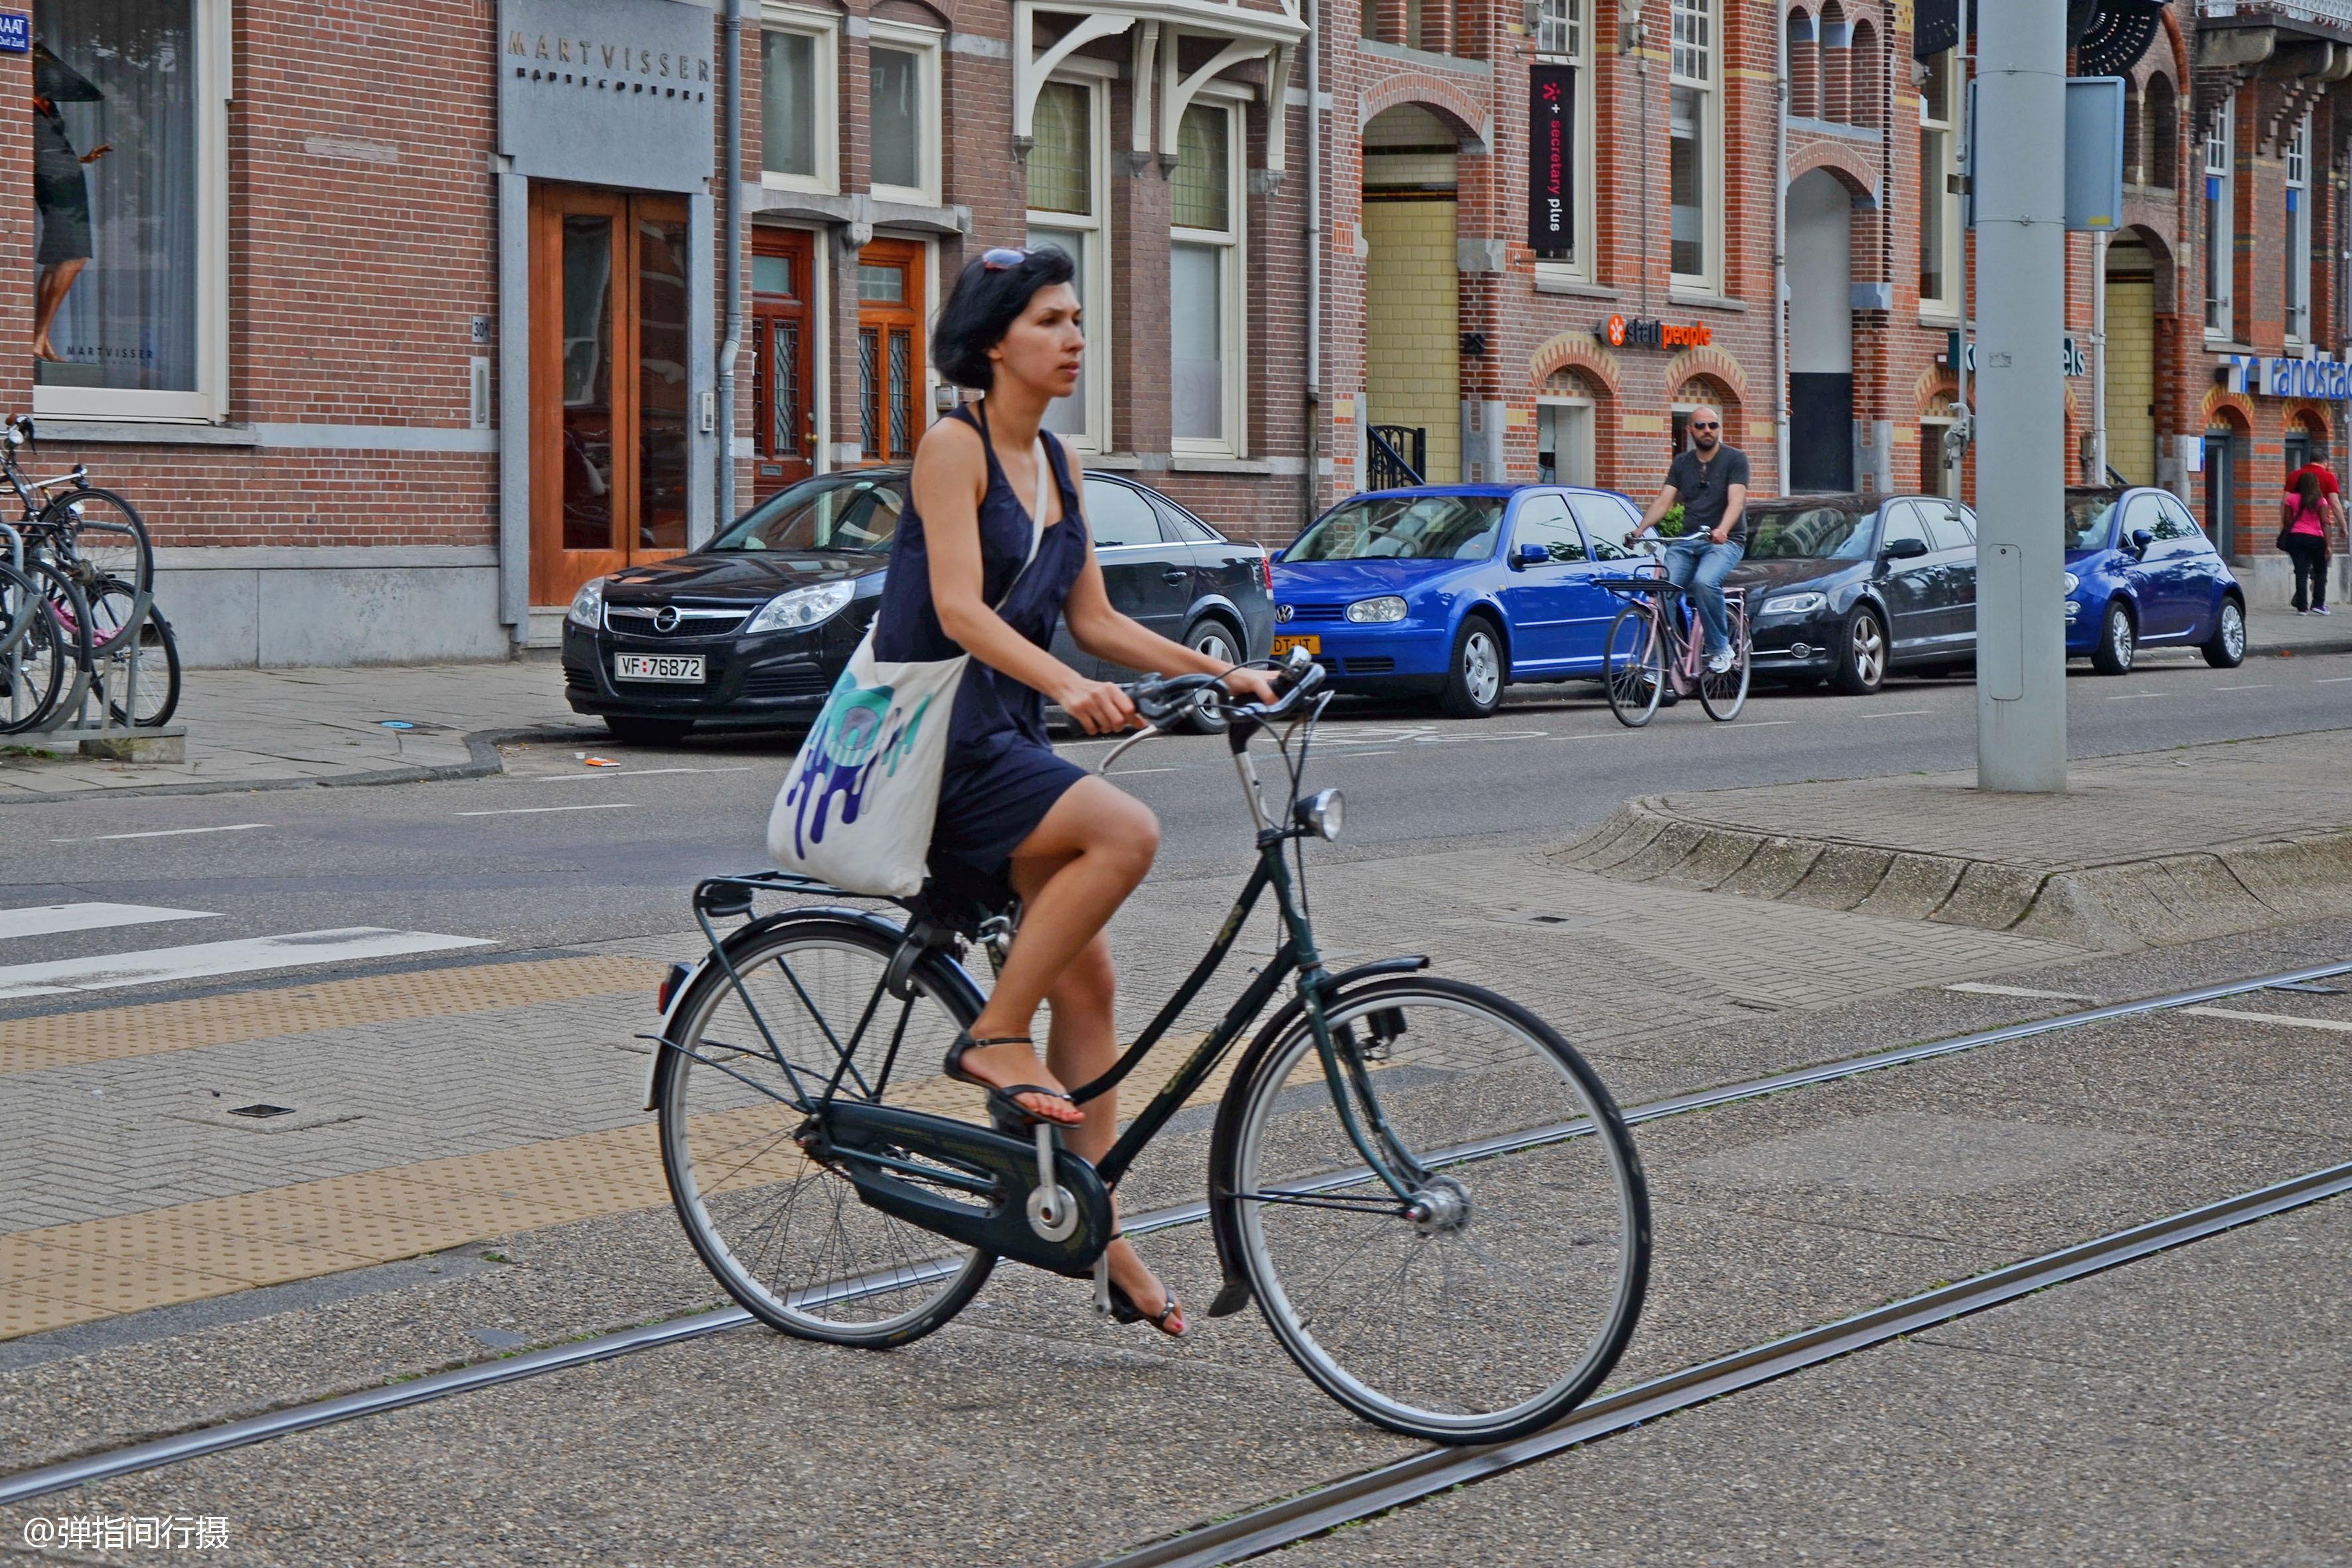 自行车王国 荷兰,民众年收入超5万美元,为何代步更爱骑车